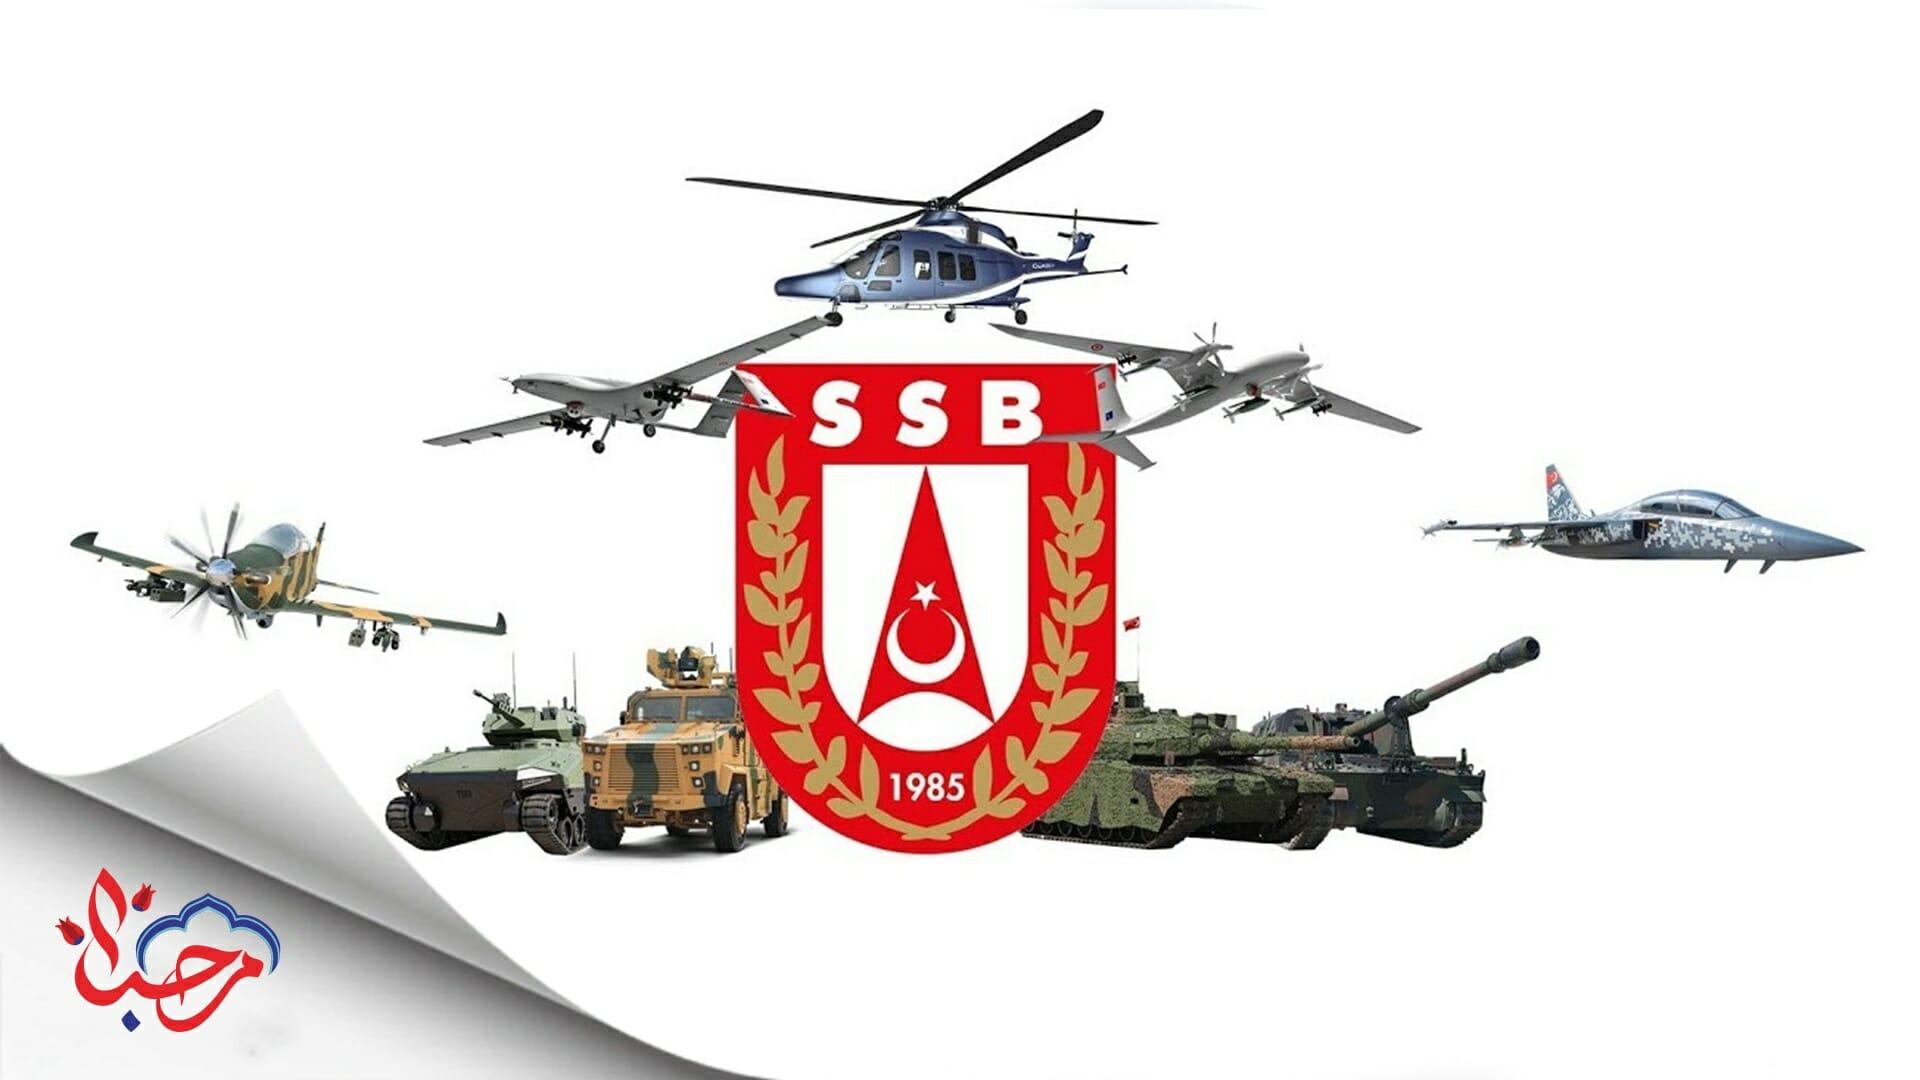 أردوغان يهنئ بالذكرى الـ 35 لتأسيس رئاسة الصناعات الدفاعية